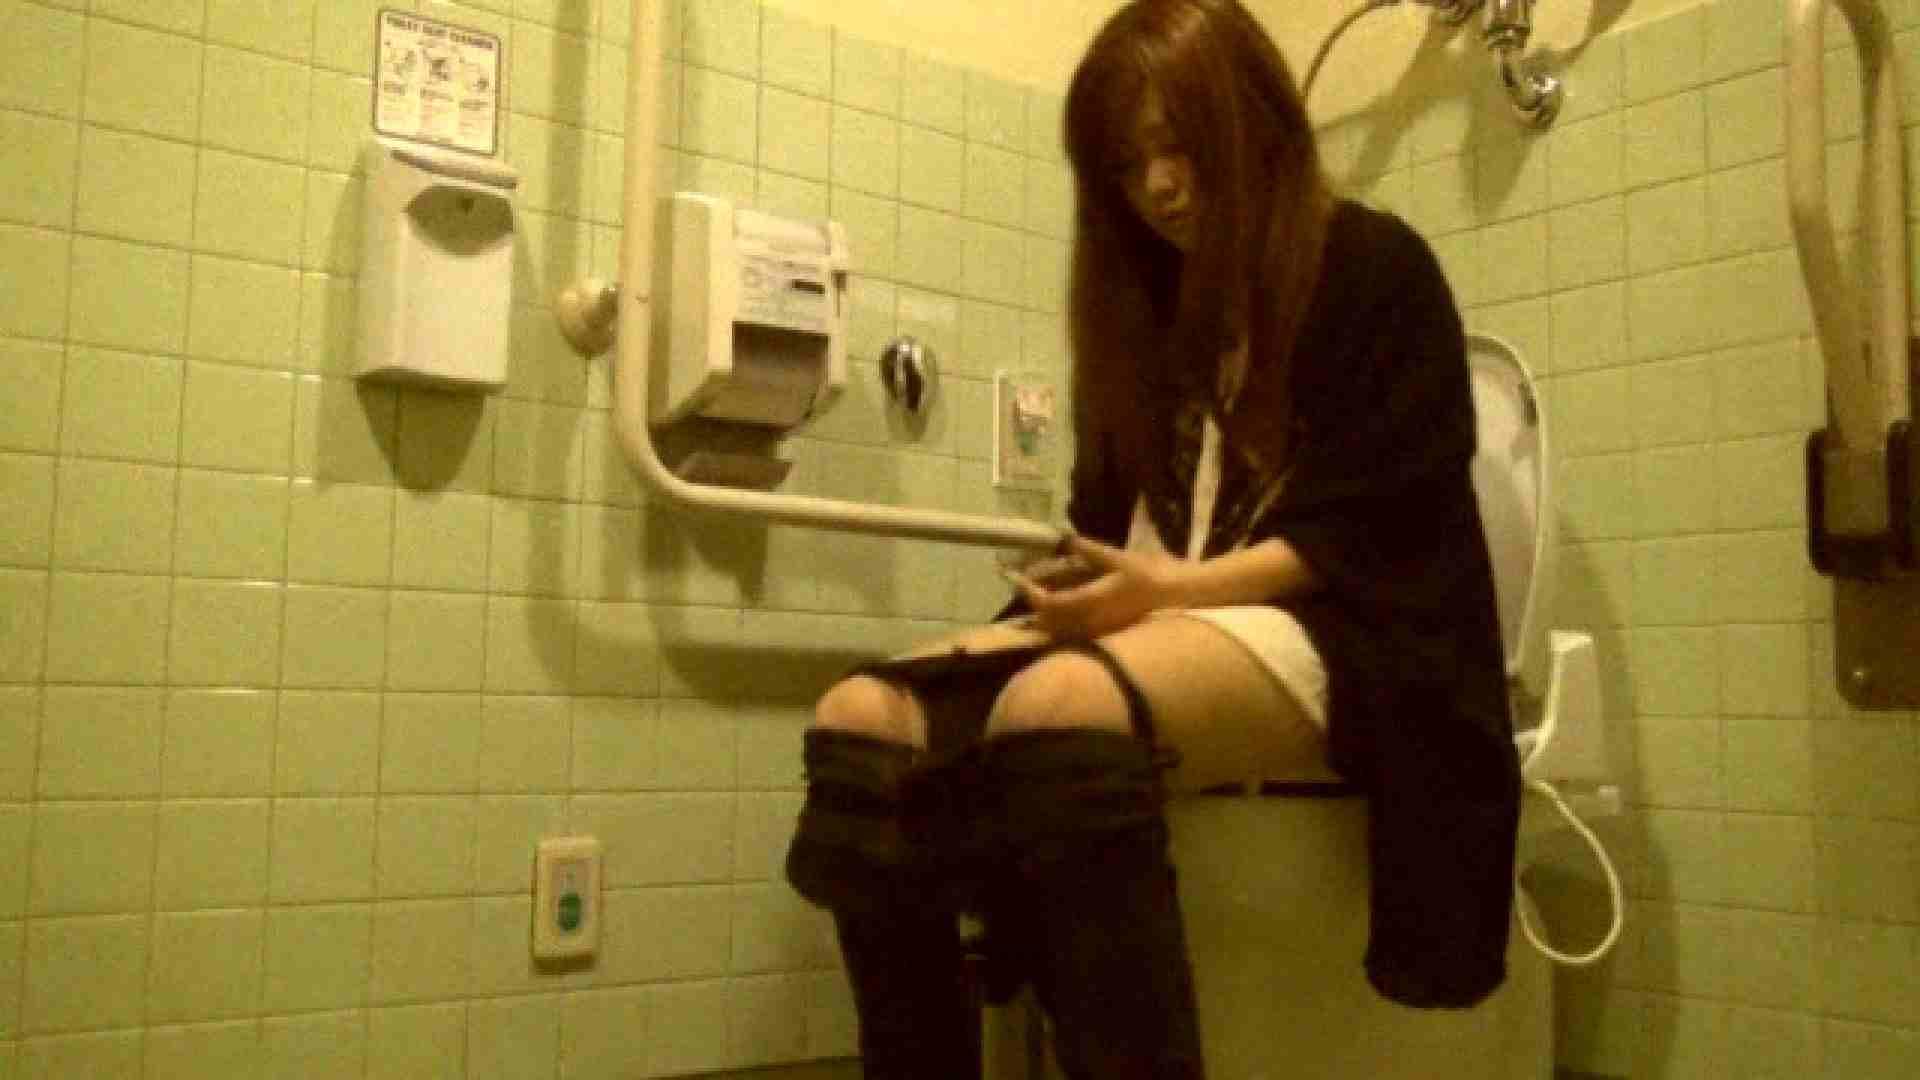 魔術師の お・も・て・な・し vol.26 19歳のバーの店員さんの洗面所をしばし… 洗面所  54連発 48